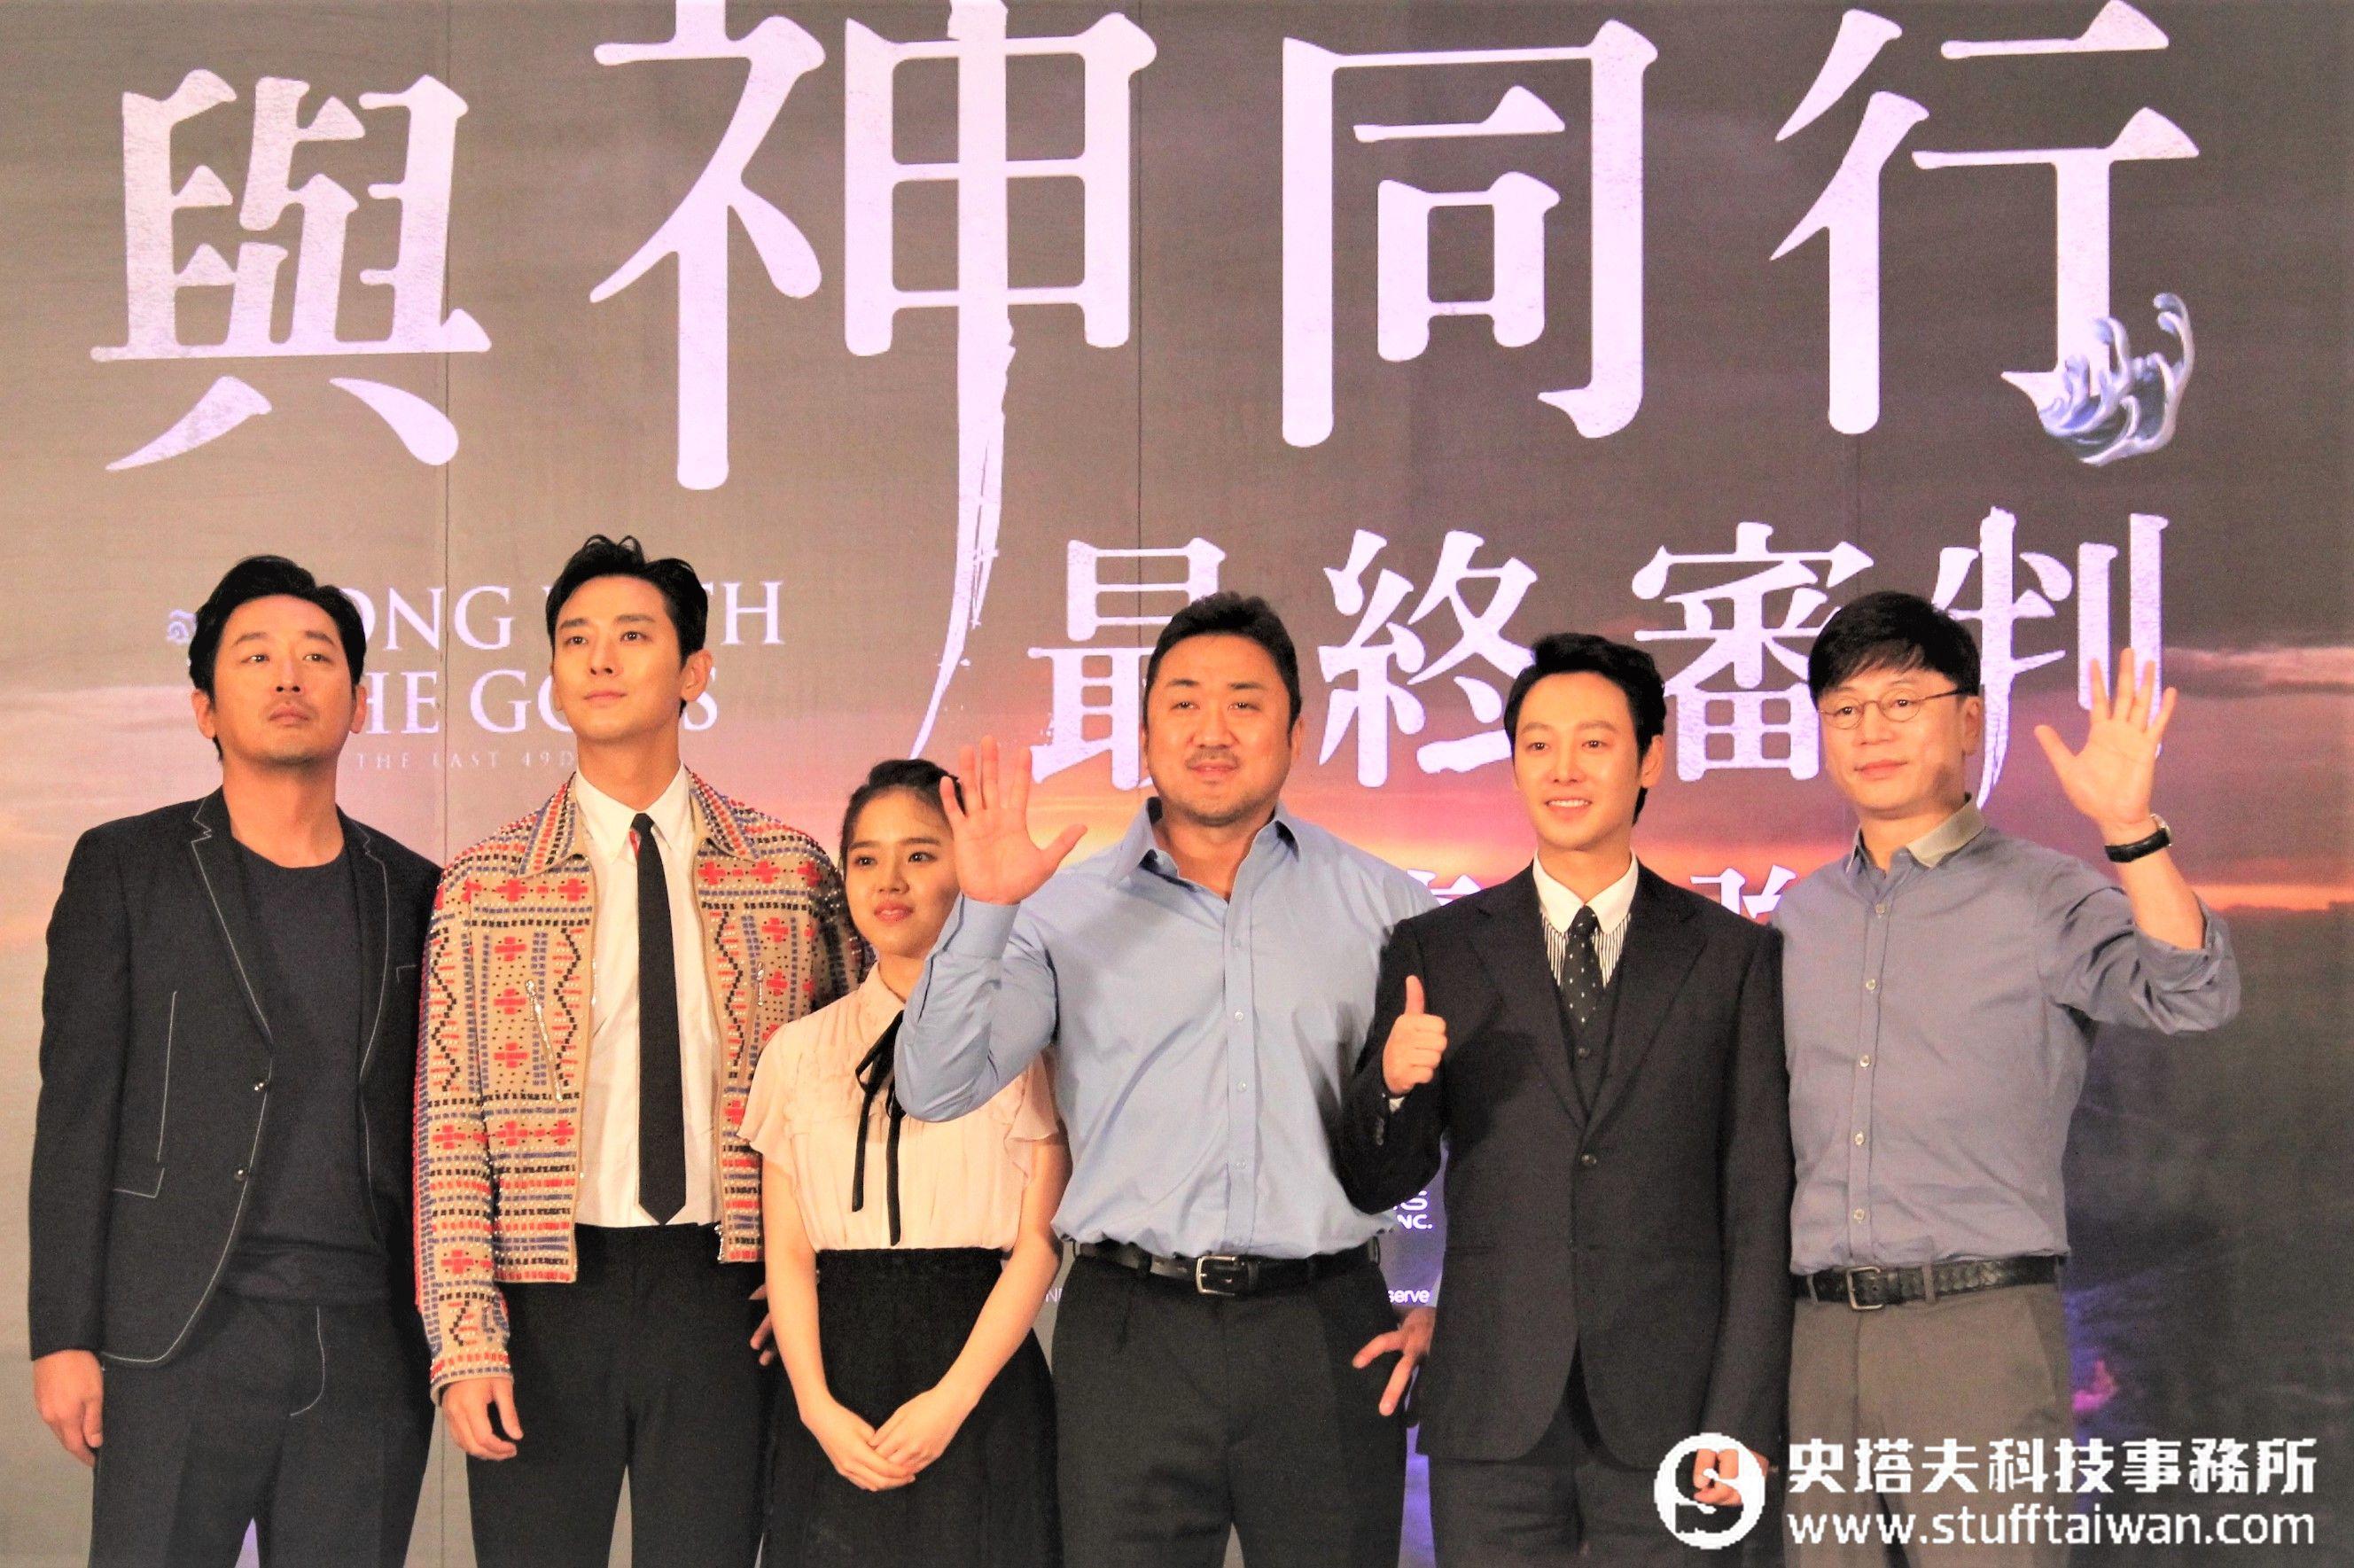 【與神同行:最終審判】來台亞太國際記者會 現場妙回笑料不斷